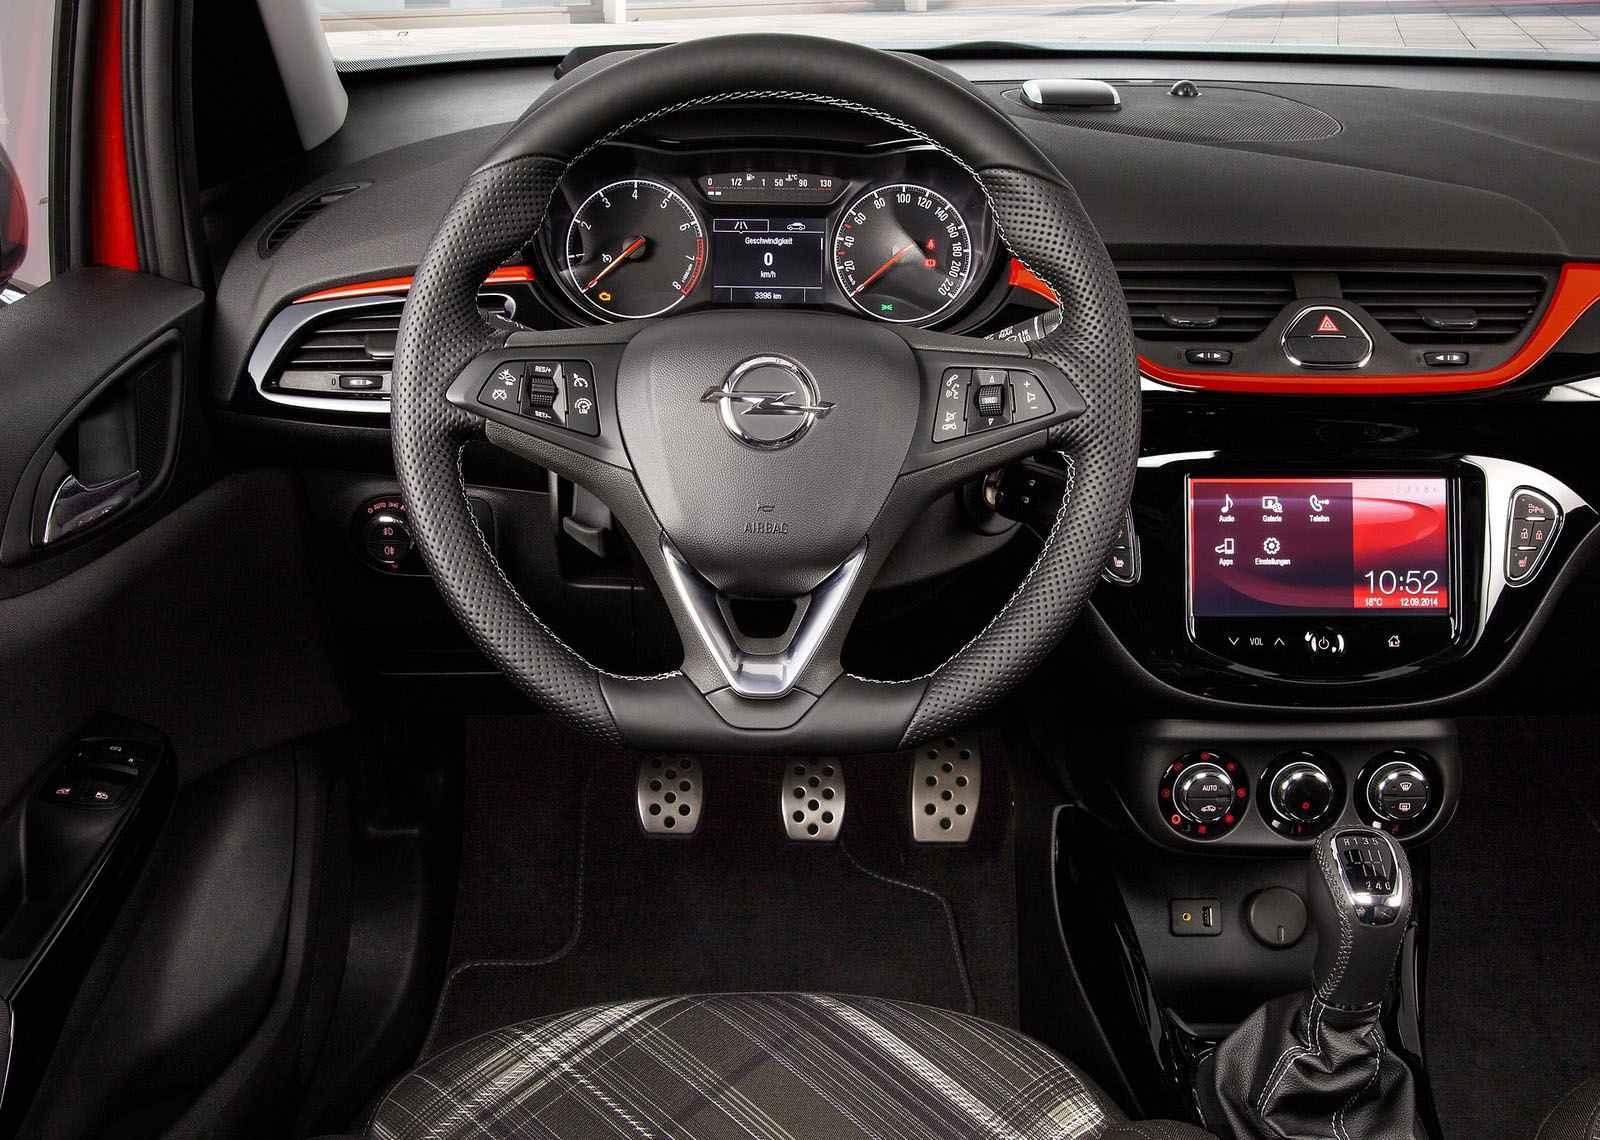 2015 Opel Corsa Guncel Fiyatlari Uygun Tasit